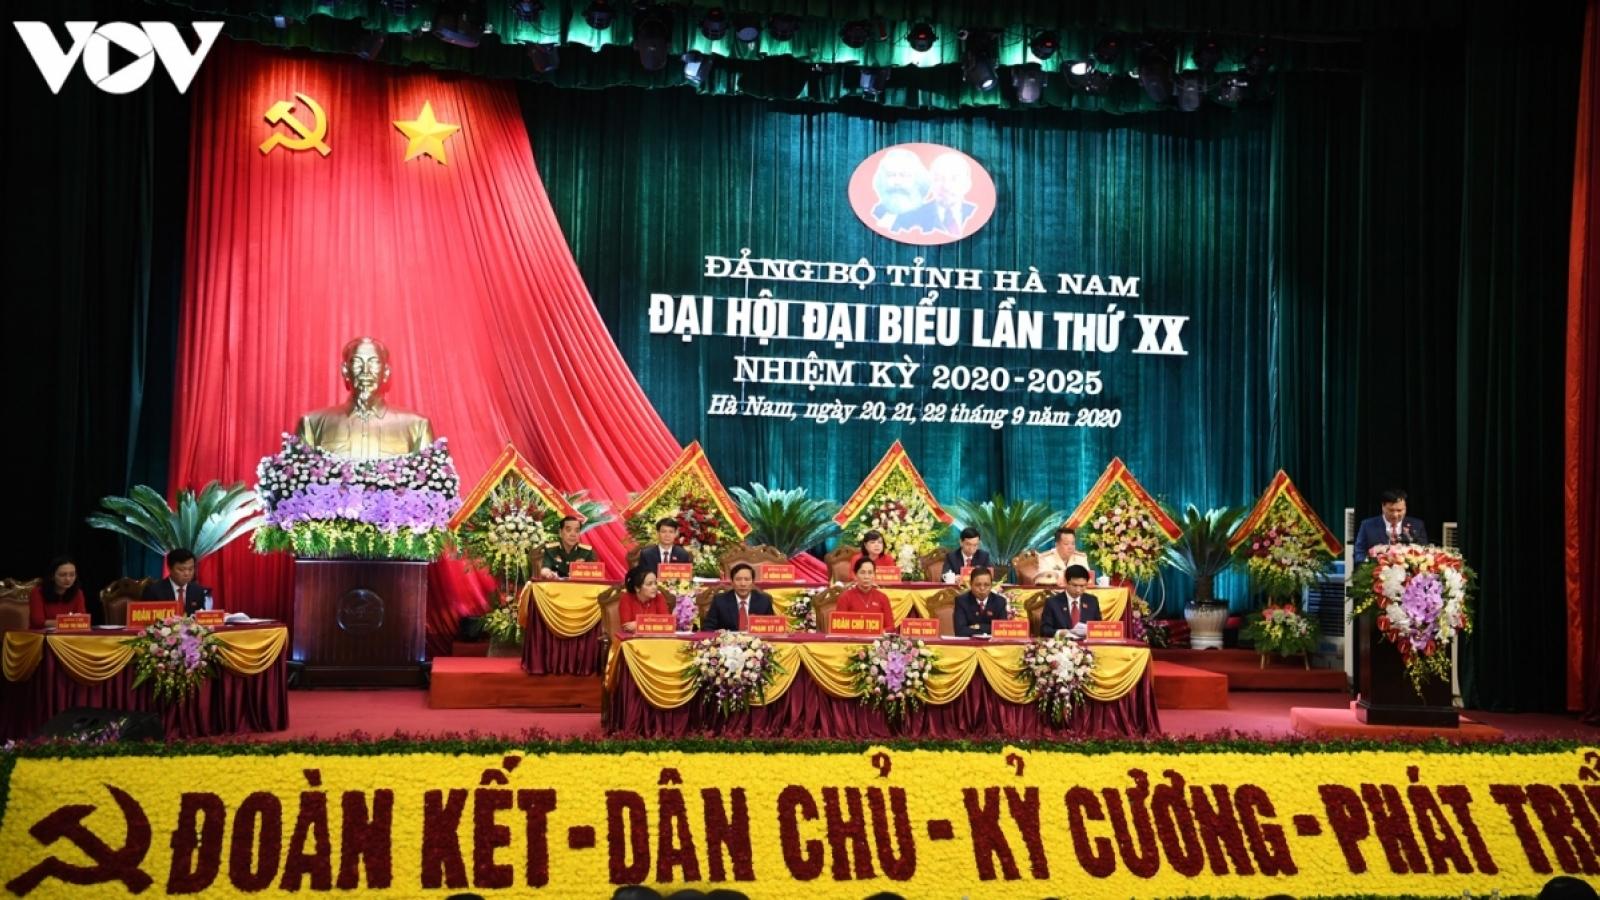 Bế mạc Đại hội Đảng bộ tỉnh Hà Nam lần thứ XX